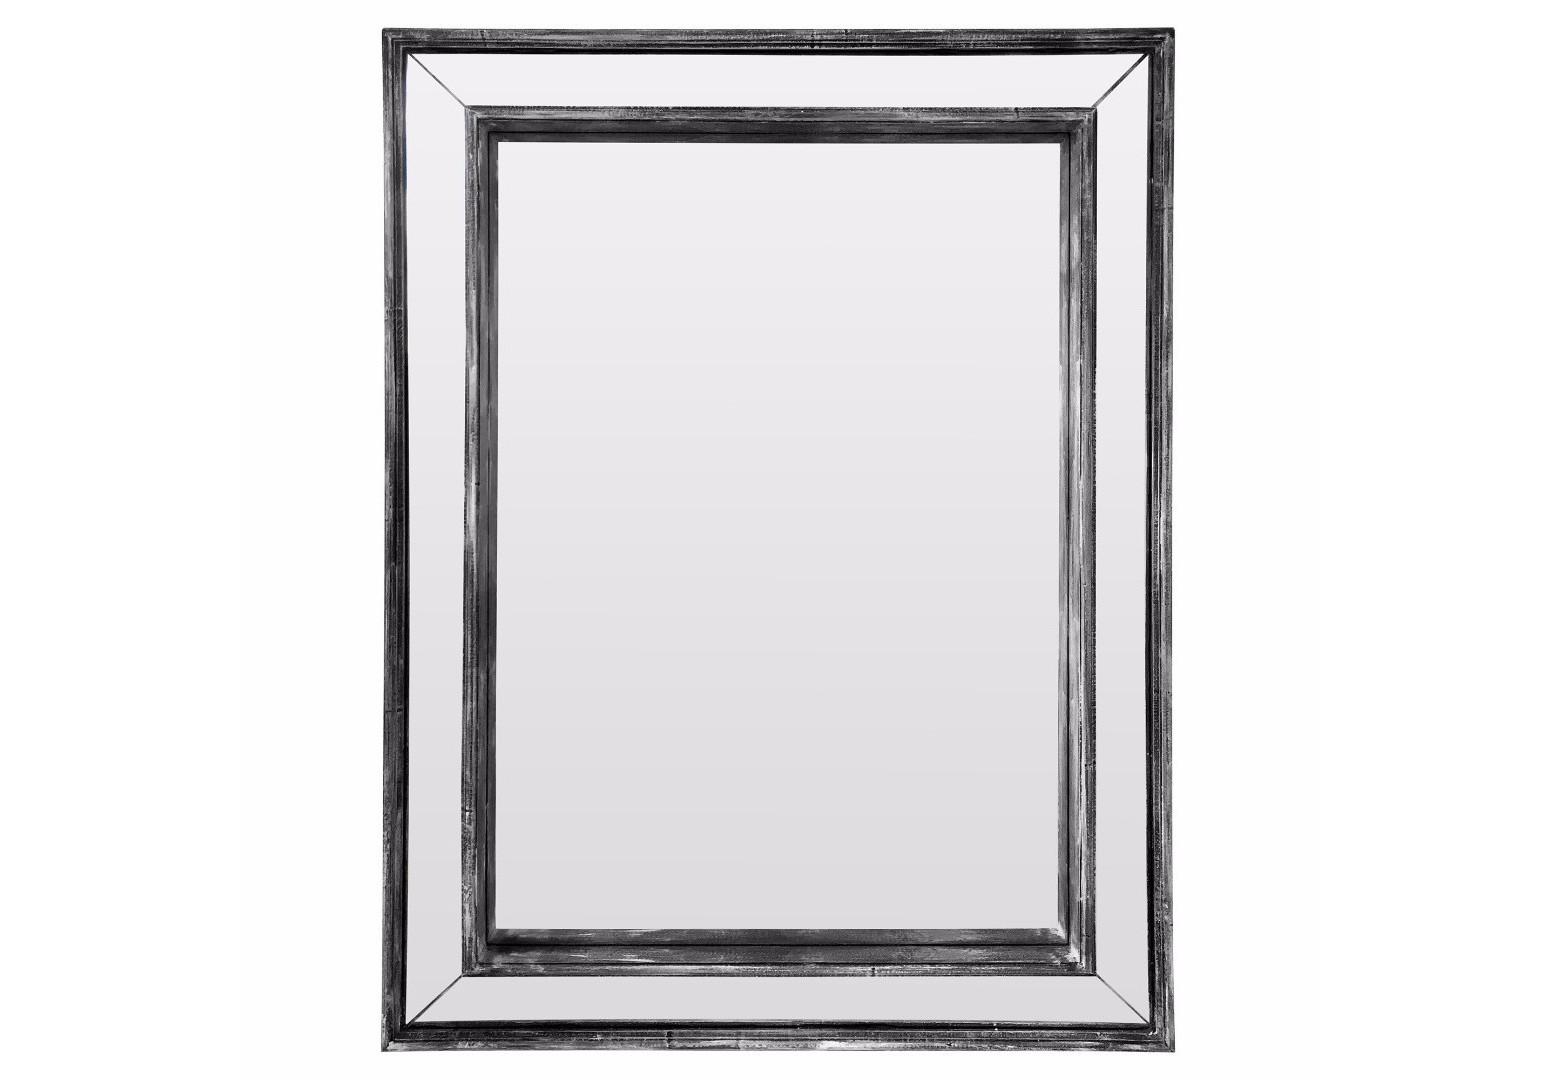 Зеркало ArmandoНастенные зеркала<br>Коллекции B-Home – это дизайнерские зеркала, зеркальная мебель и предметы интерьера. Все изделия от и до мы создаем сами в нашей мастерской. Каждое – это уникальное произведение, арт-объект со своей историей и мелодией. Мы следим за современными трендами, лично отбираем лучшие материалы и каждый день трудимся над созданием новых шедевров, которые будут радовать вас. Если вы ищете что-то действительно качественное, стоящее и эксклюзивное, что сделано с душой и руками человека, B-Home&amp;amp;nbsp;придется вам по вкусу!<br><br>Material: Дерево<br>Ширина см: 84.0<br>Высота см: 110.0<br>Глубина см: 5.0